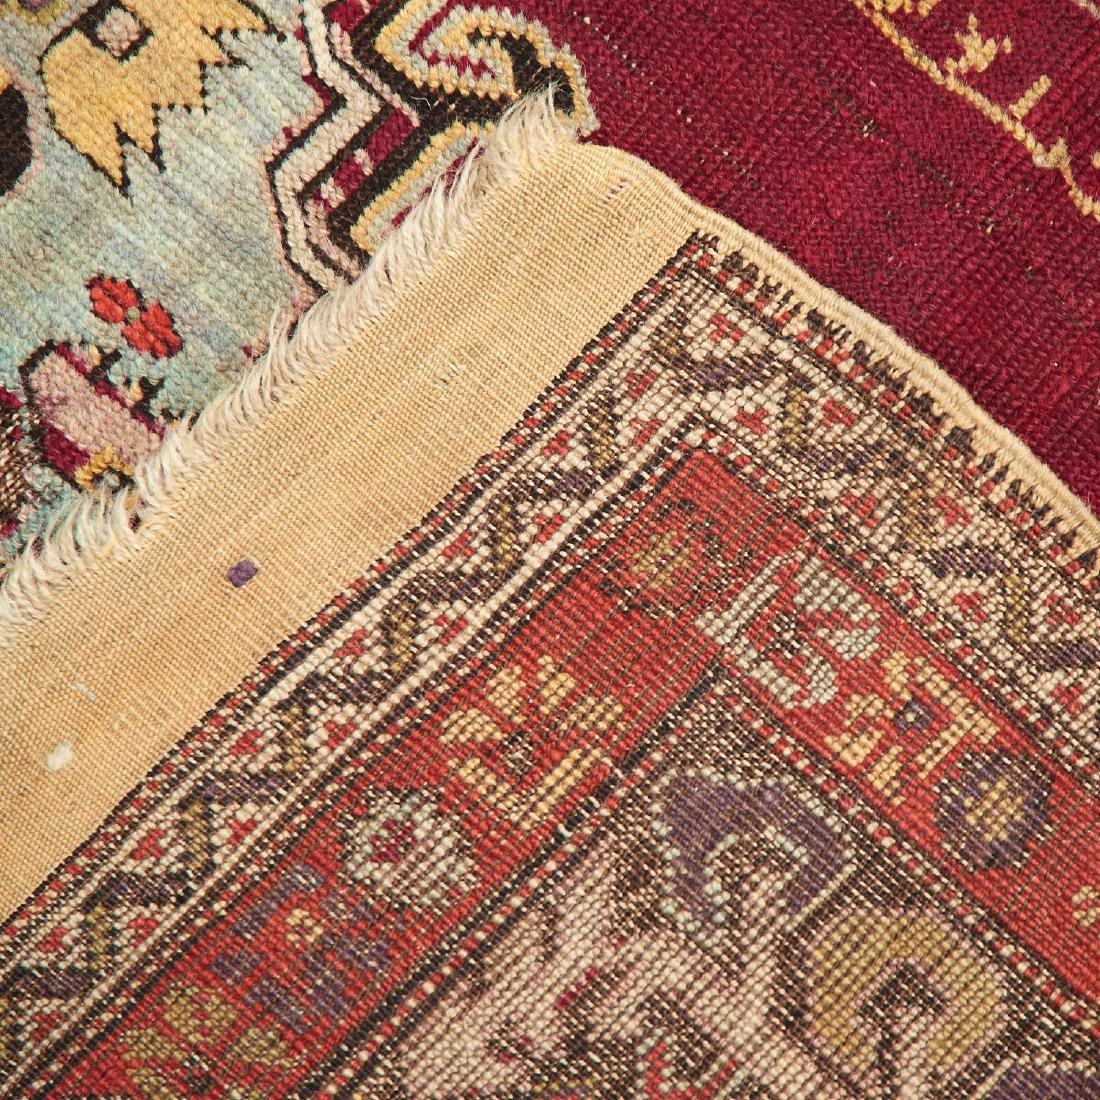 Sivas rug, ex museum - 5